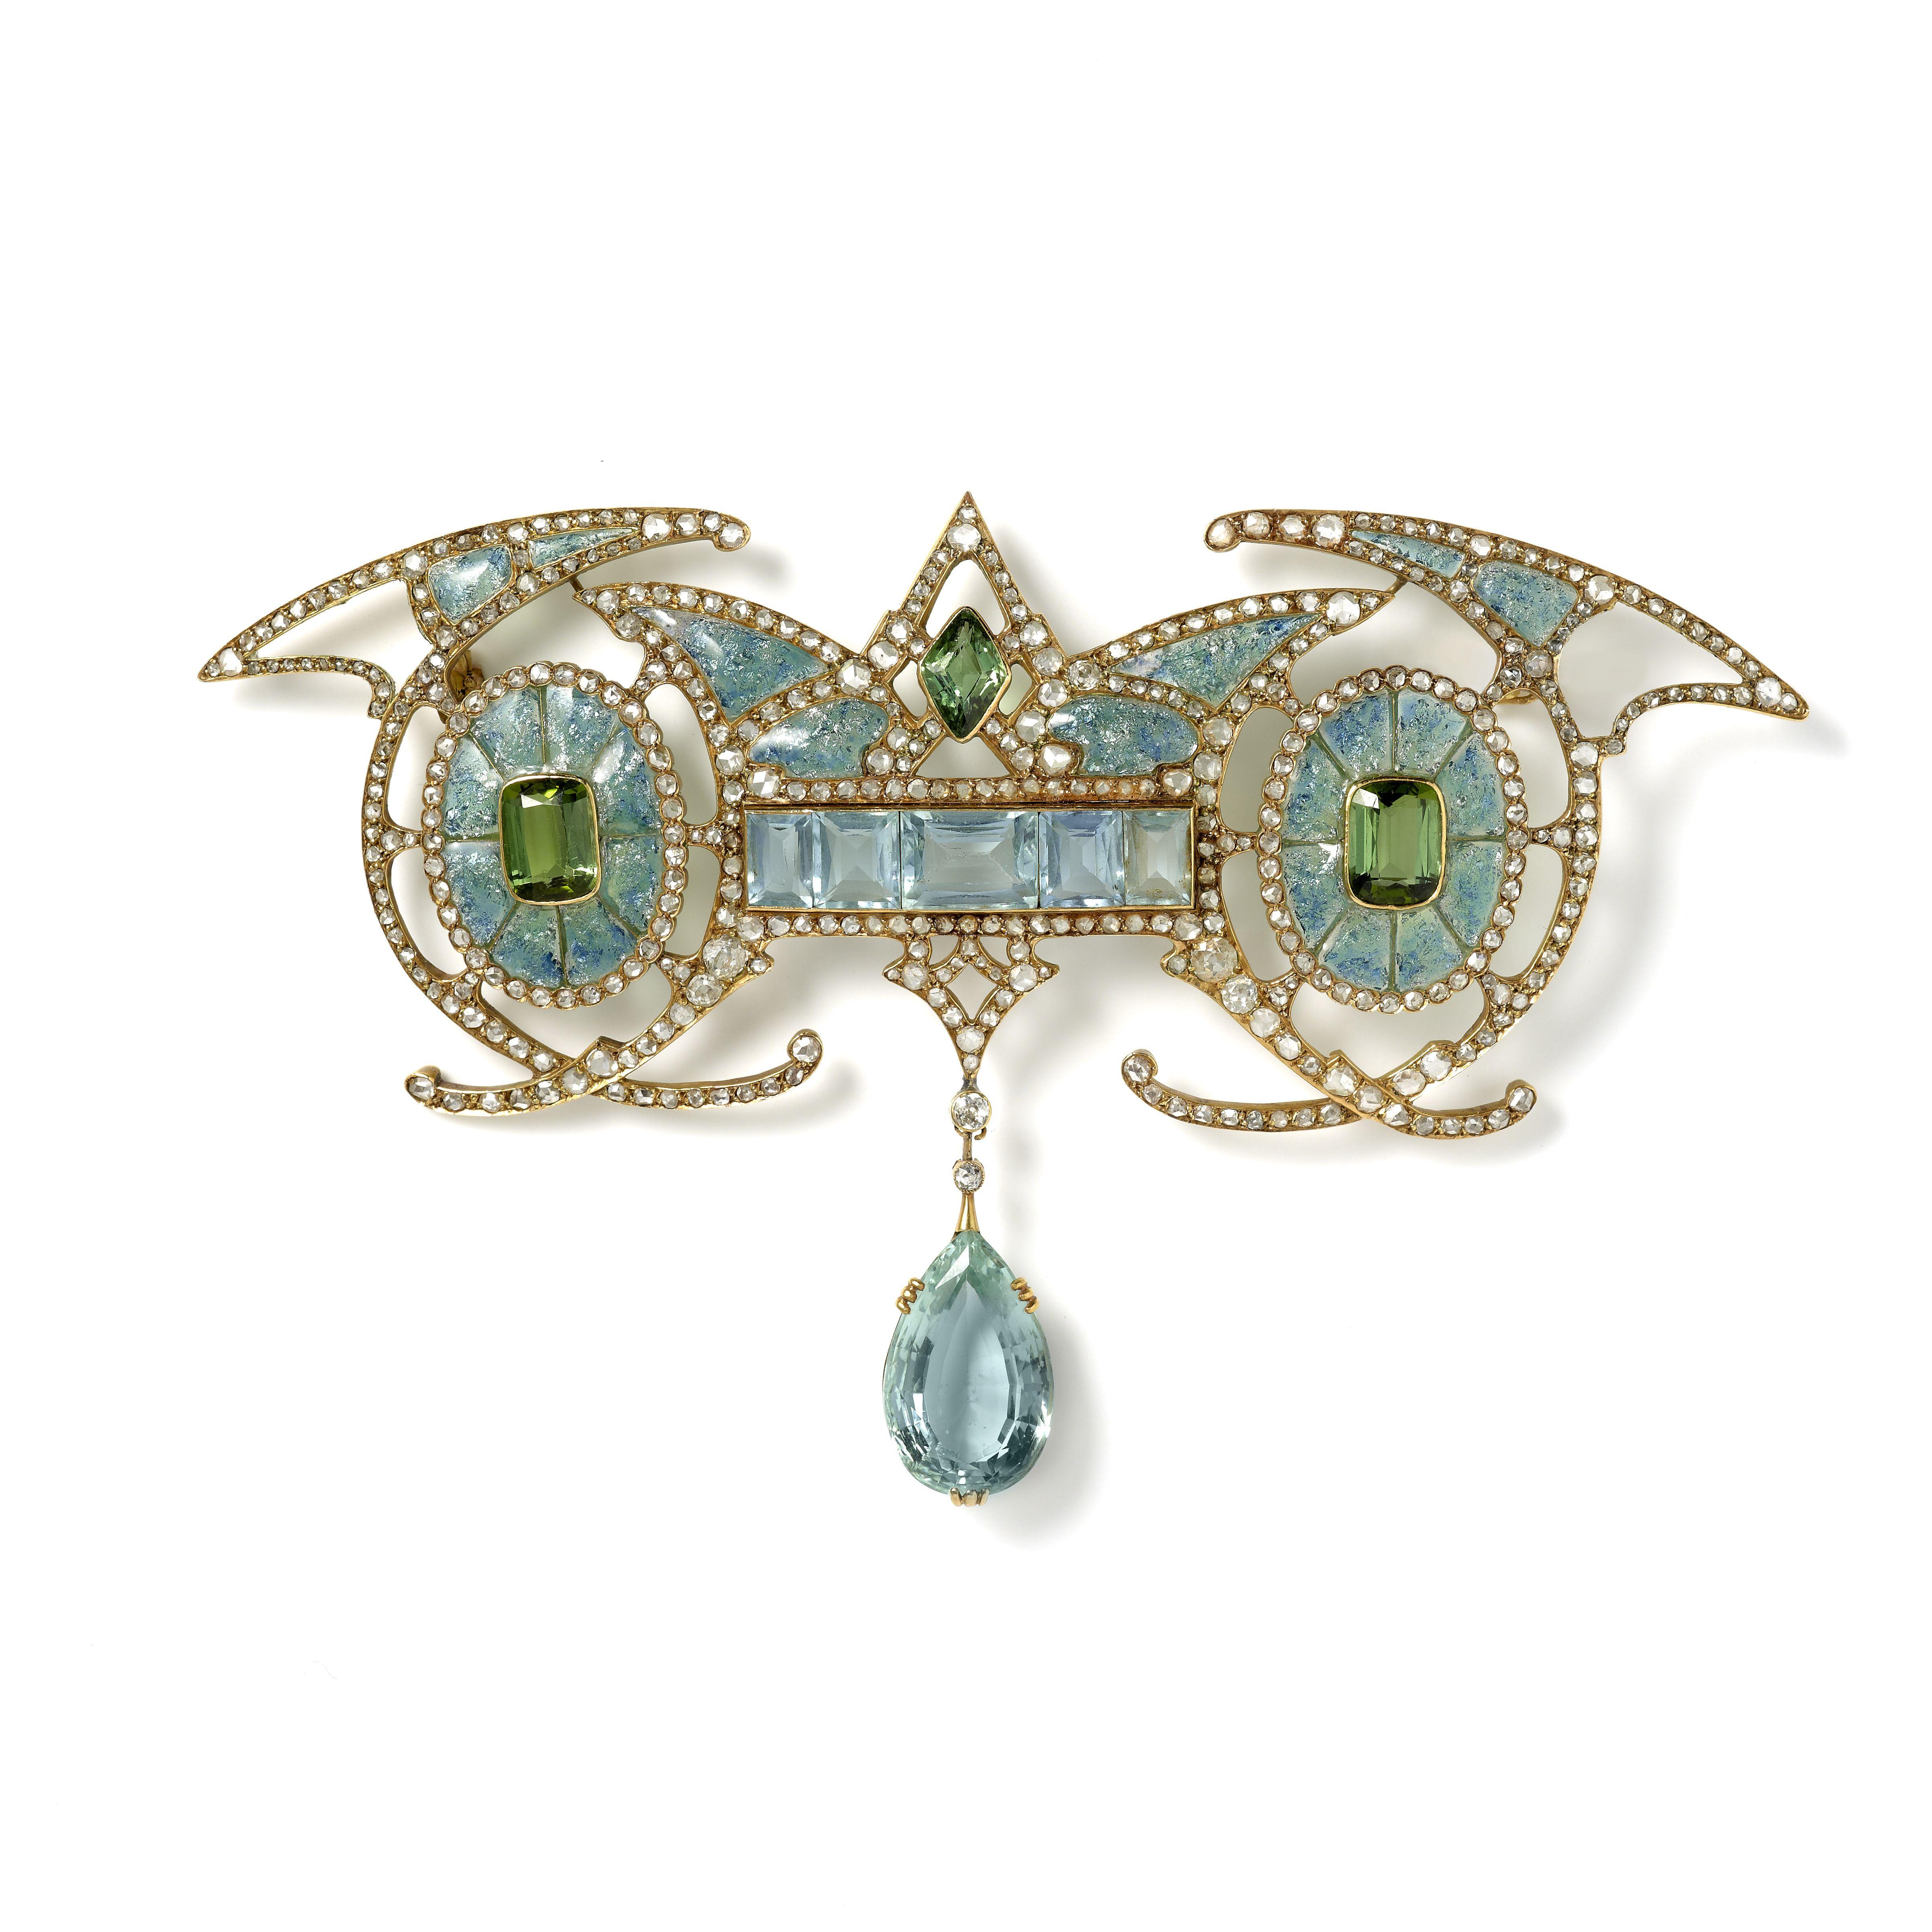 Magnificent Art Nouveau brooch by Georges Fouquet, Paris c1901